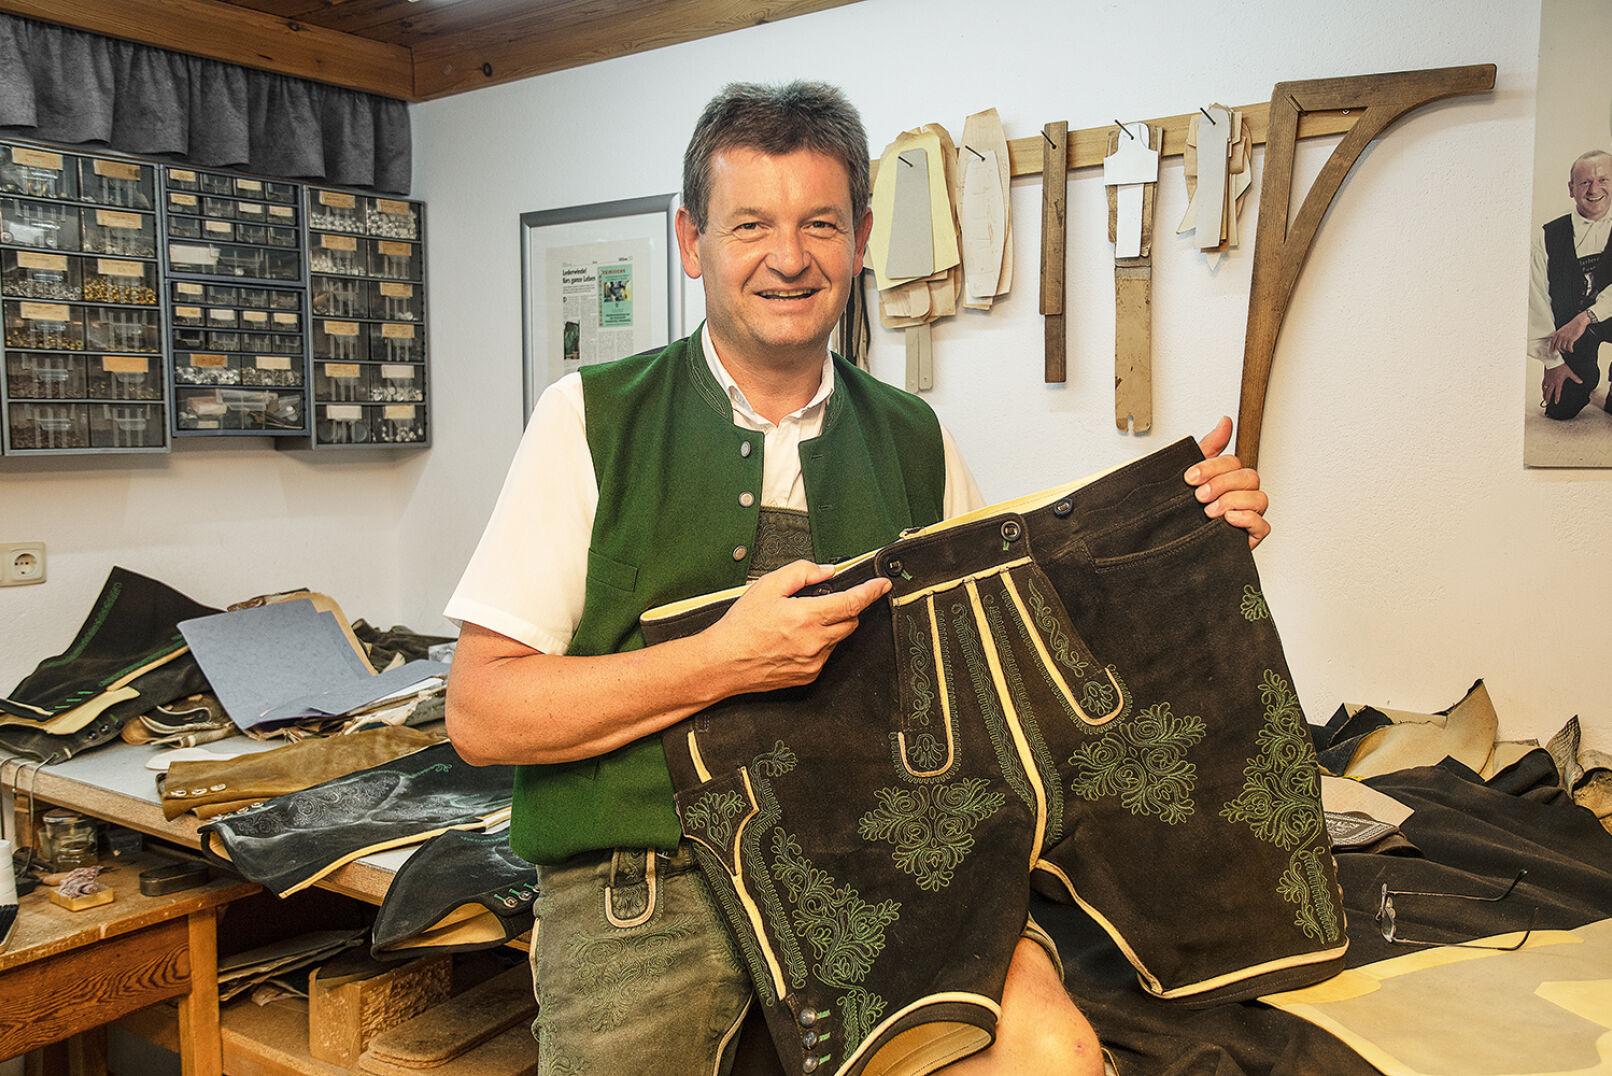 Säckler Josef Klein mit einer von ihm gefertigten Lederhosen. - Säckler Josef Klein stellt in der Obersteiermark feinste Lederhosen per Hand her. - © Barbara Marko